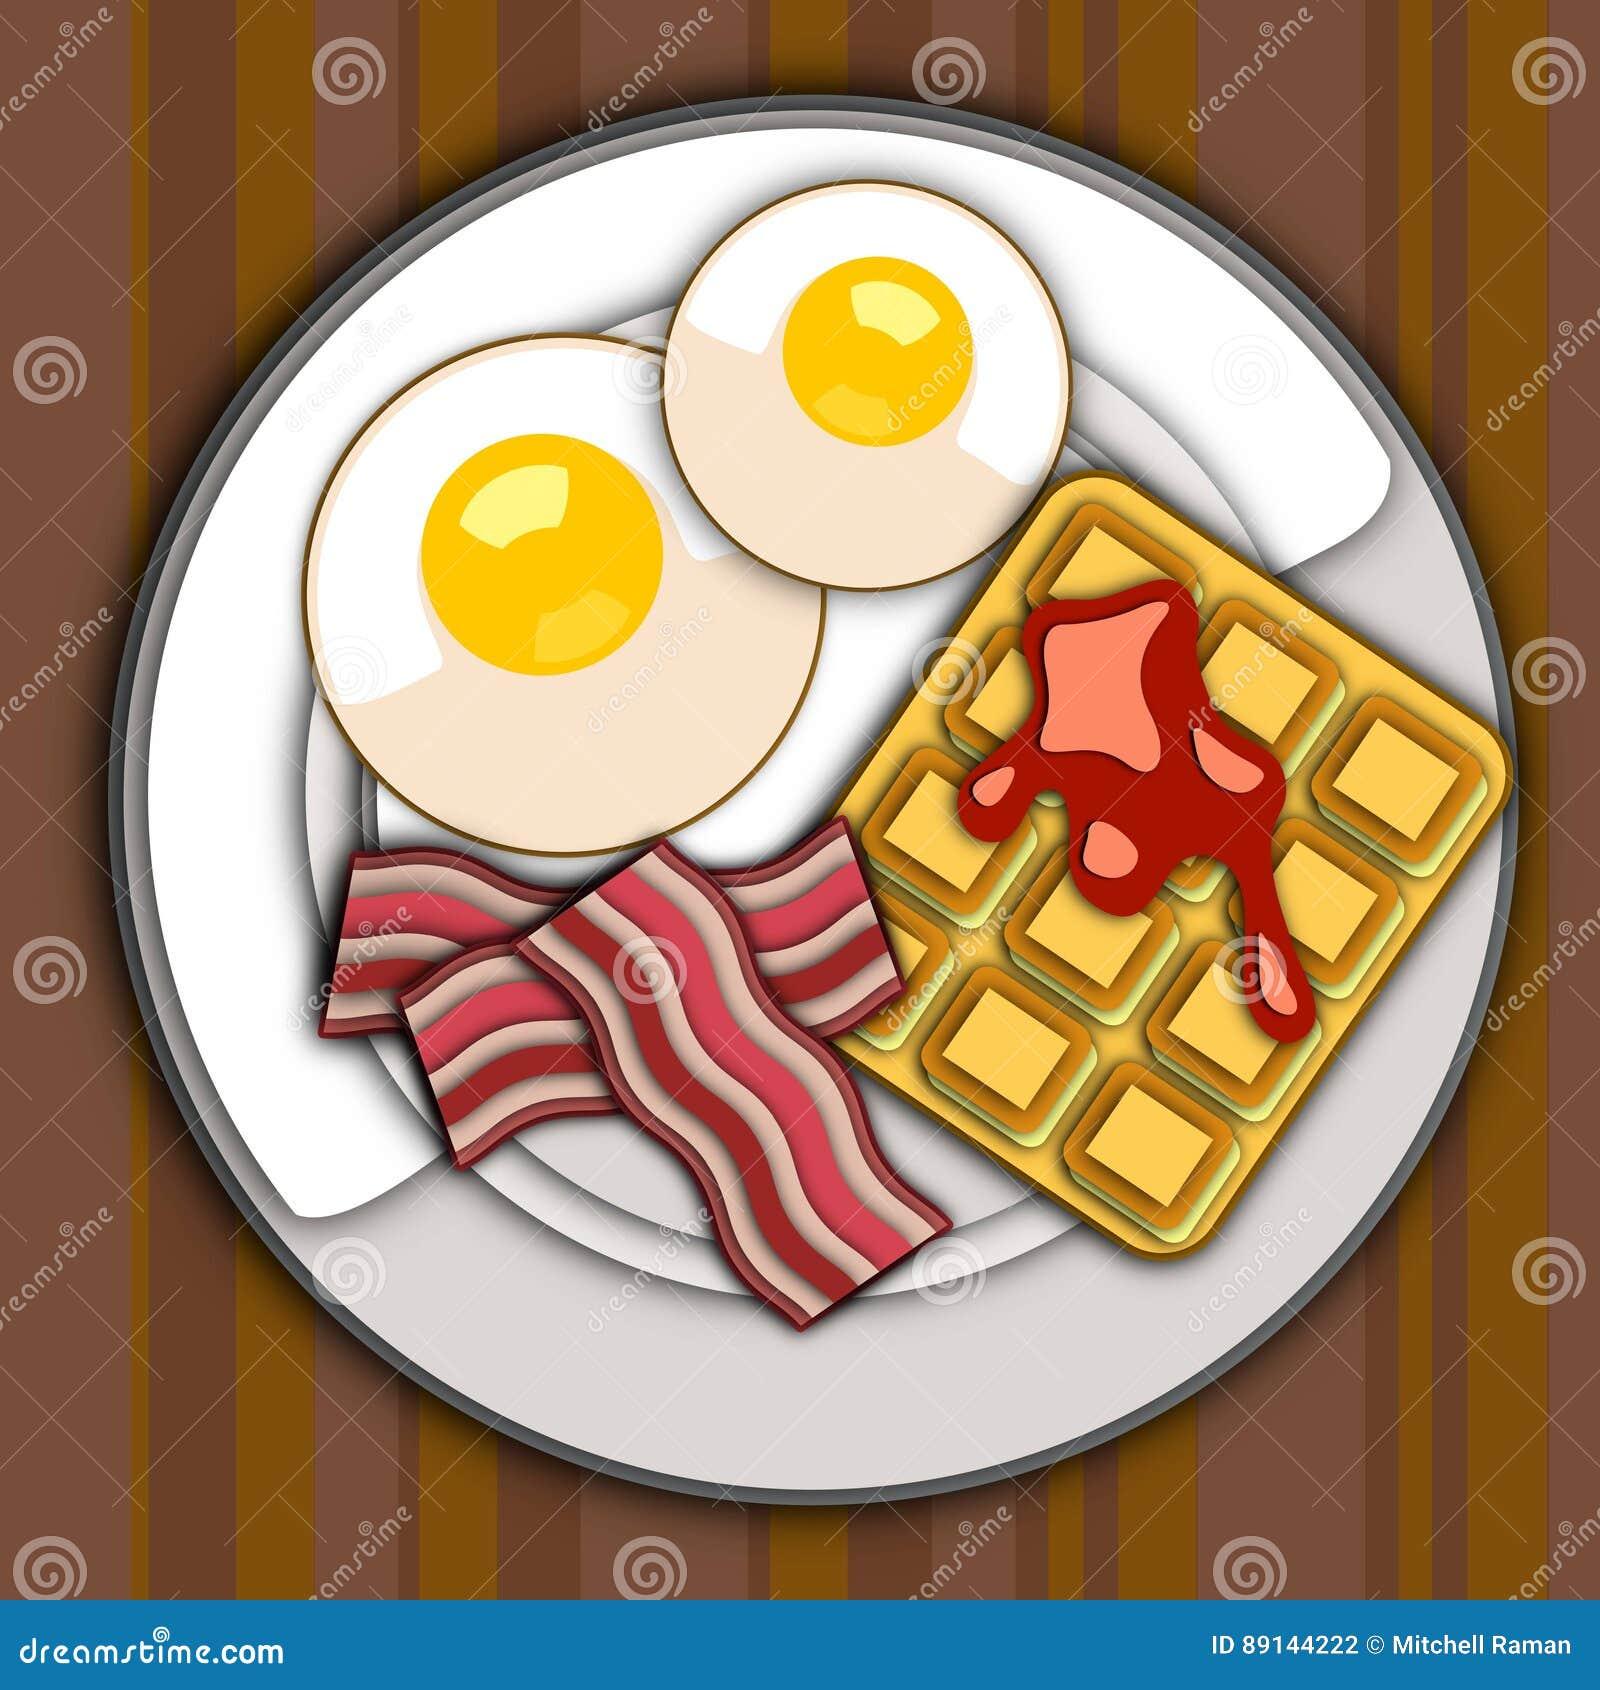 Breakfast Plate Vector Image Stock Vector Illustration Of Logo Fresh 89144222